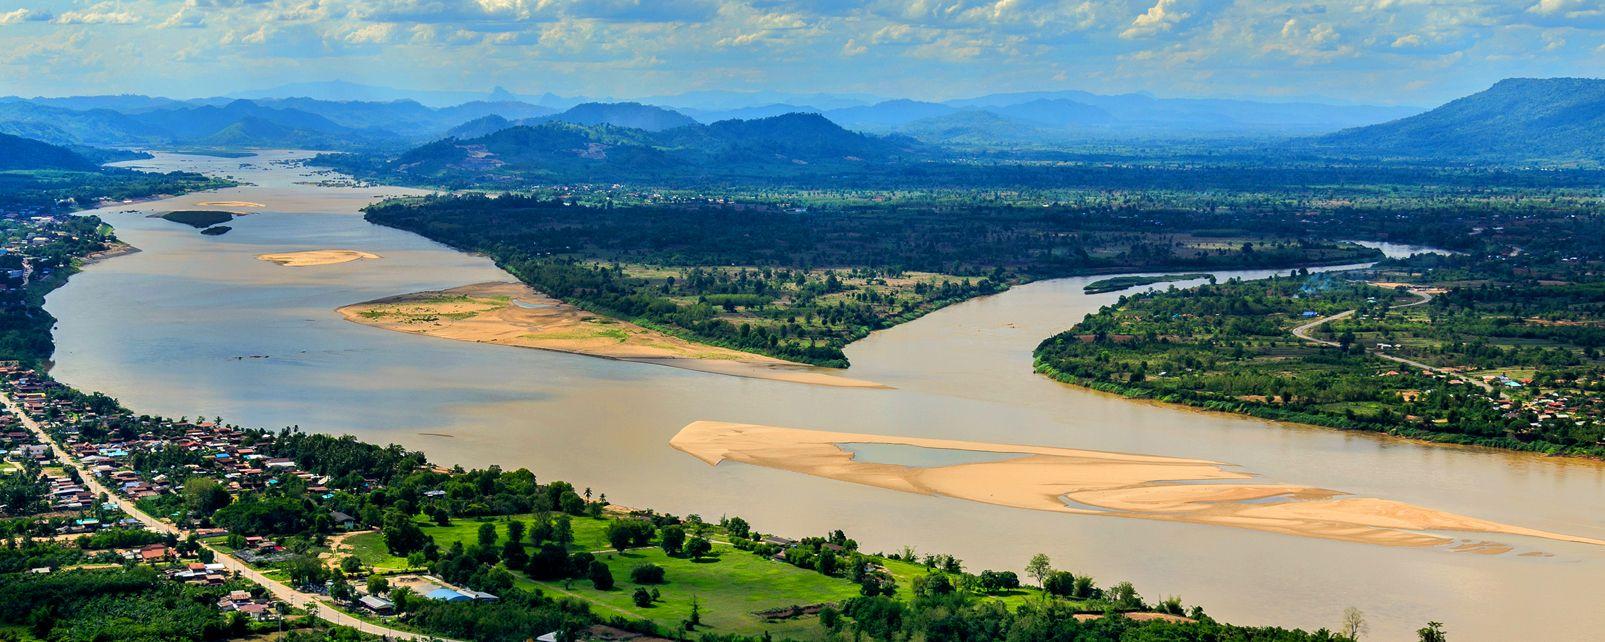 La llanura del Mekong , La llanura del Mekong, Camboya , Camboya